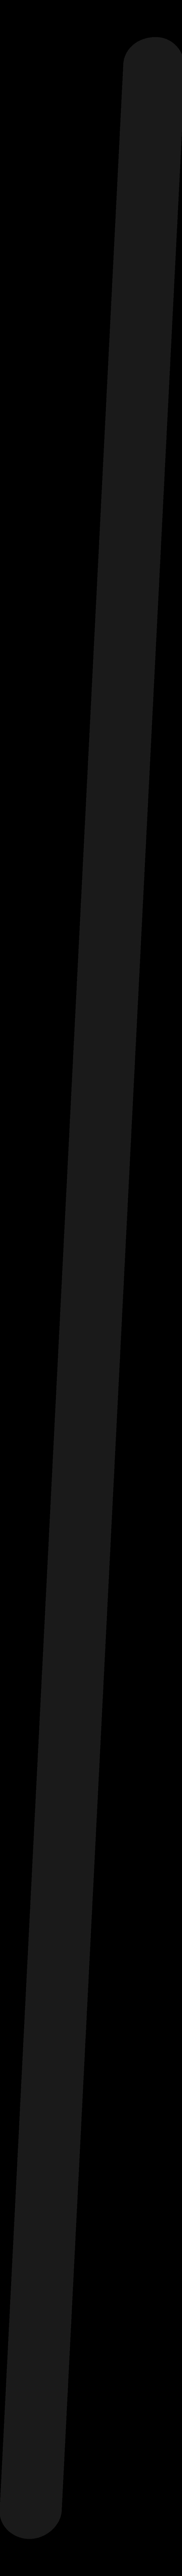 log out prisoner decoration line Clipart illustration in PNG, SVG